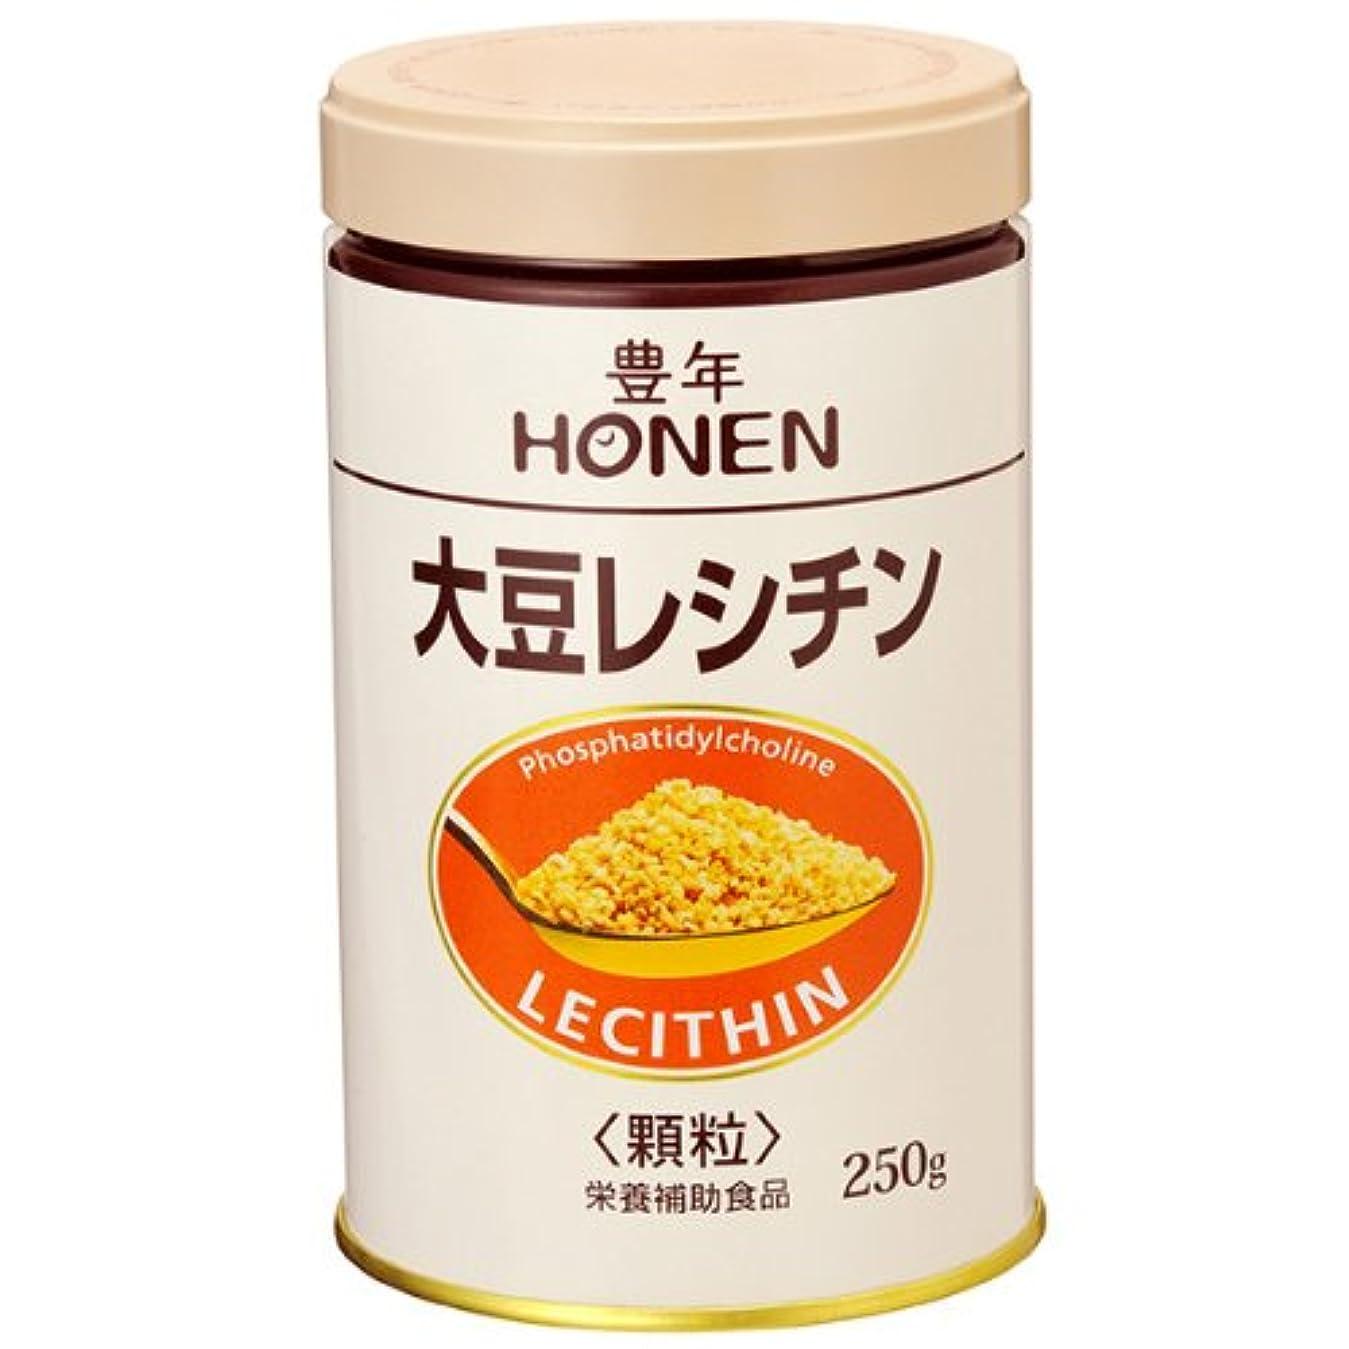 逃げるオートメーション怪物豊年 大豆レシチン(顆粒250g缶)